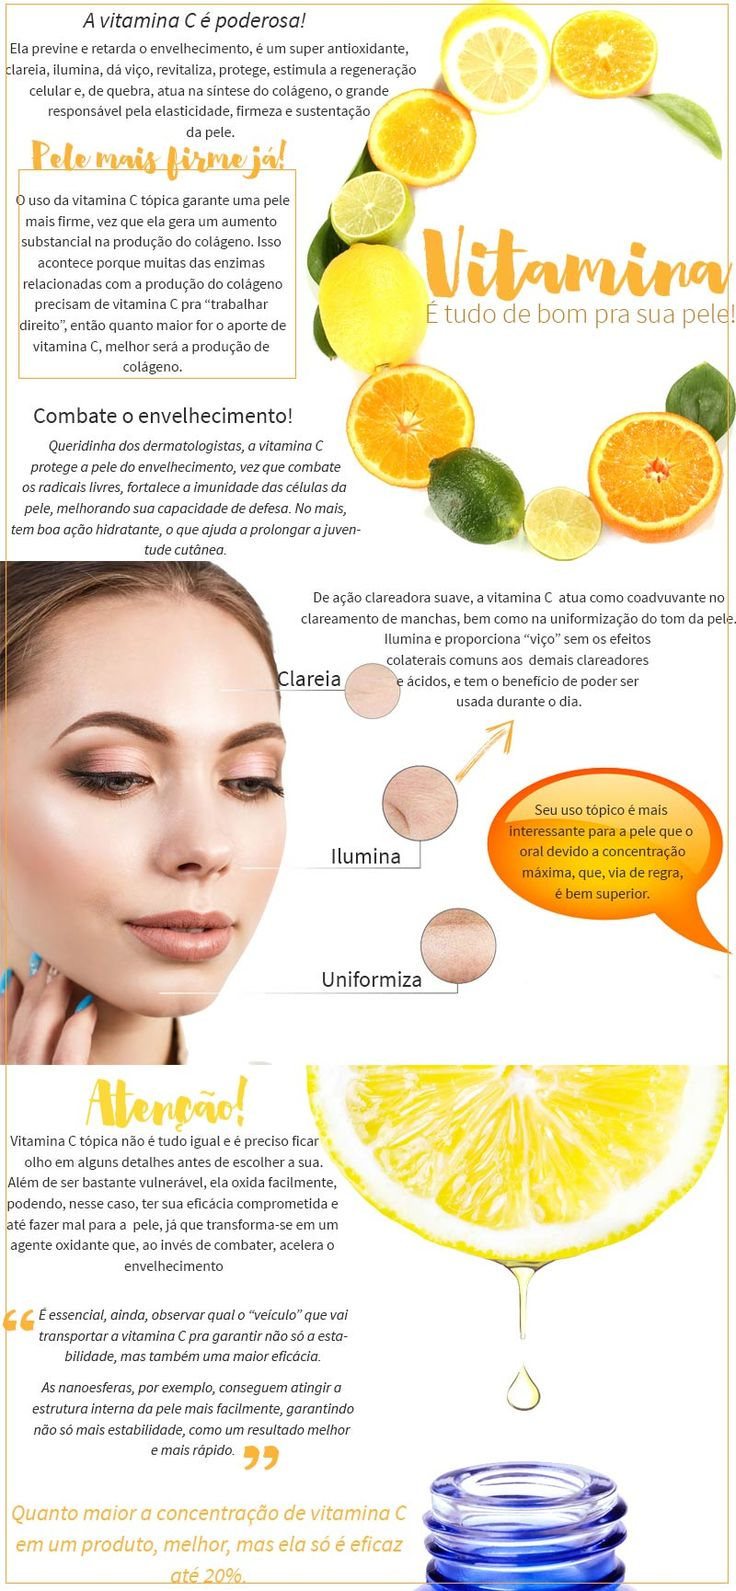 Top 5 vitamina C para pele: os melhores produtos com vitamina C para deixar a pele luminosa, firme, hidratada e rejuvenescida!